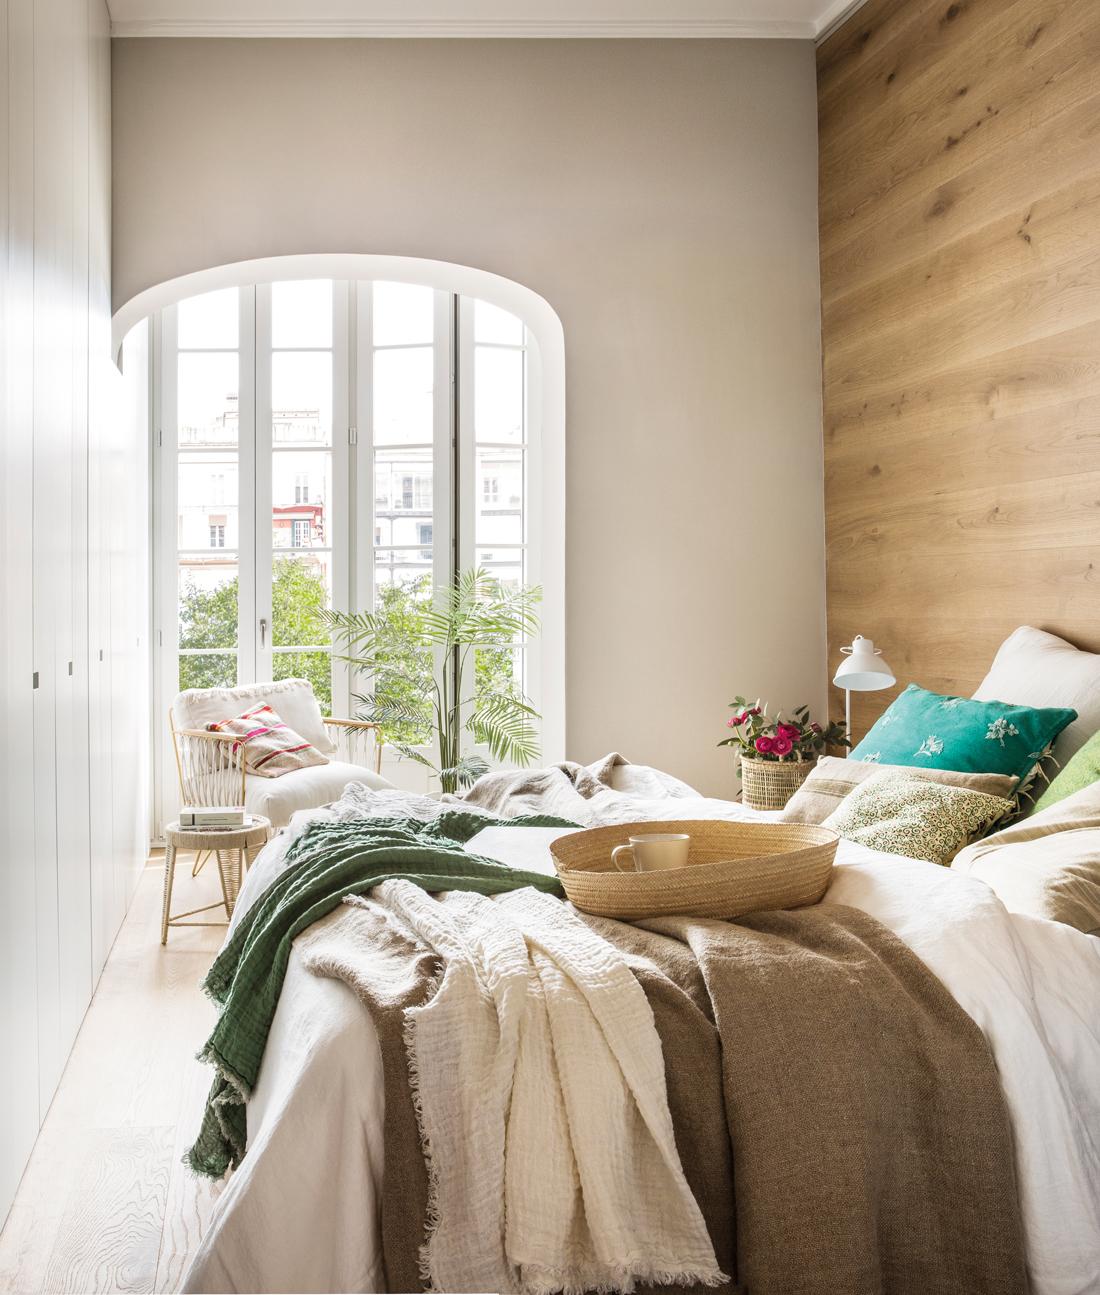 00456786. dormitorio con parede de cabecero revestido con lamas de madera 00456786